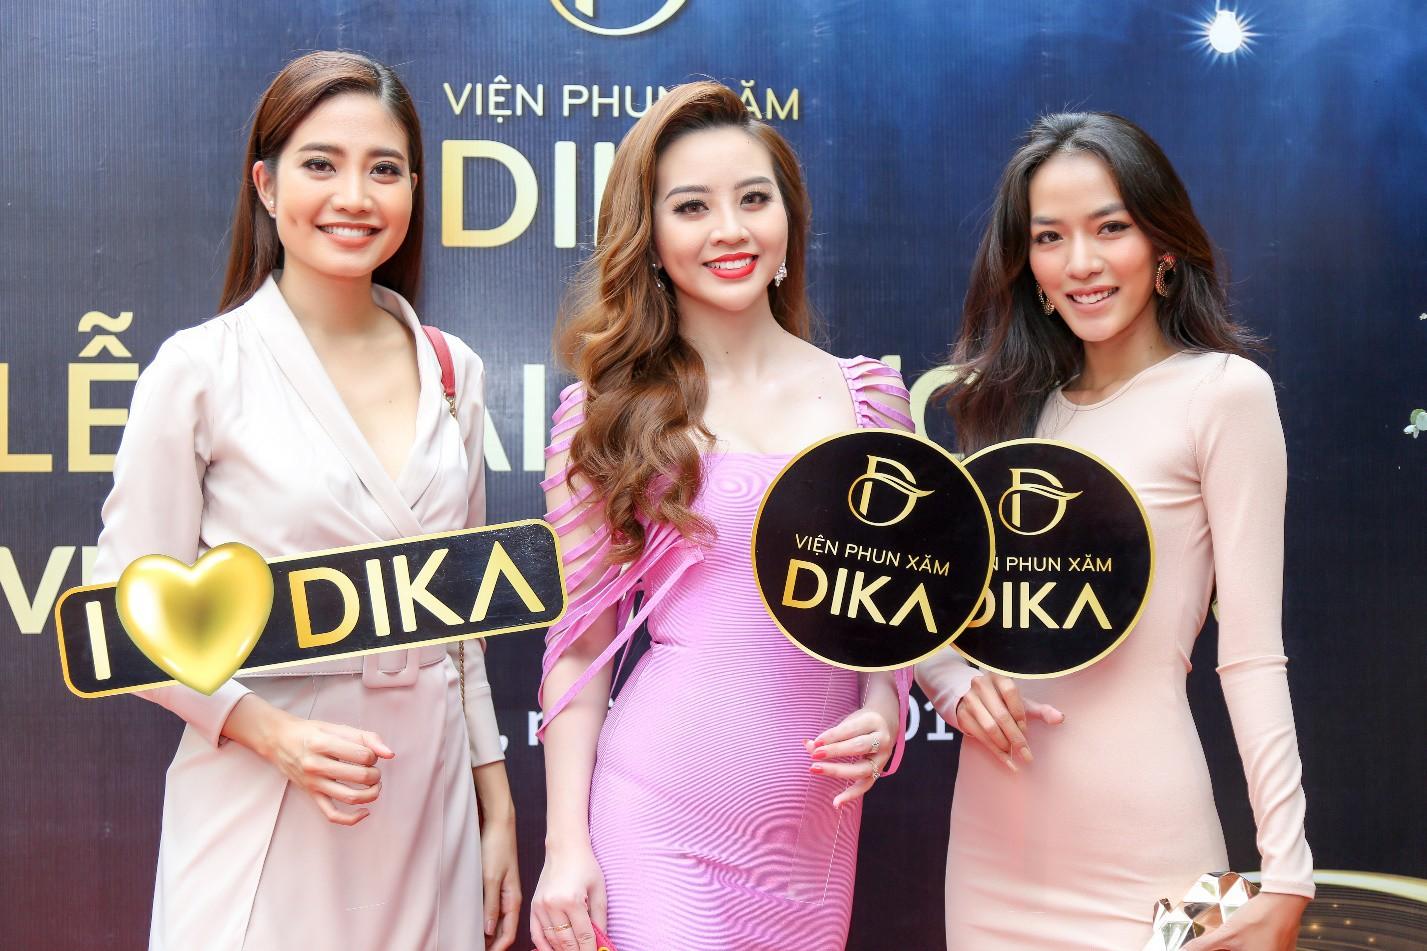 Hoa hậu Tiểu Vy ngời ngời khí chất dự khai trương viện phun xăm thẩm mỹ - Ảnh 6.